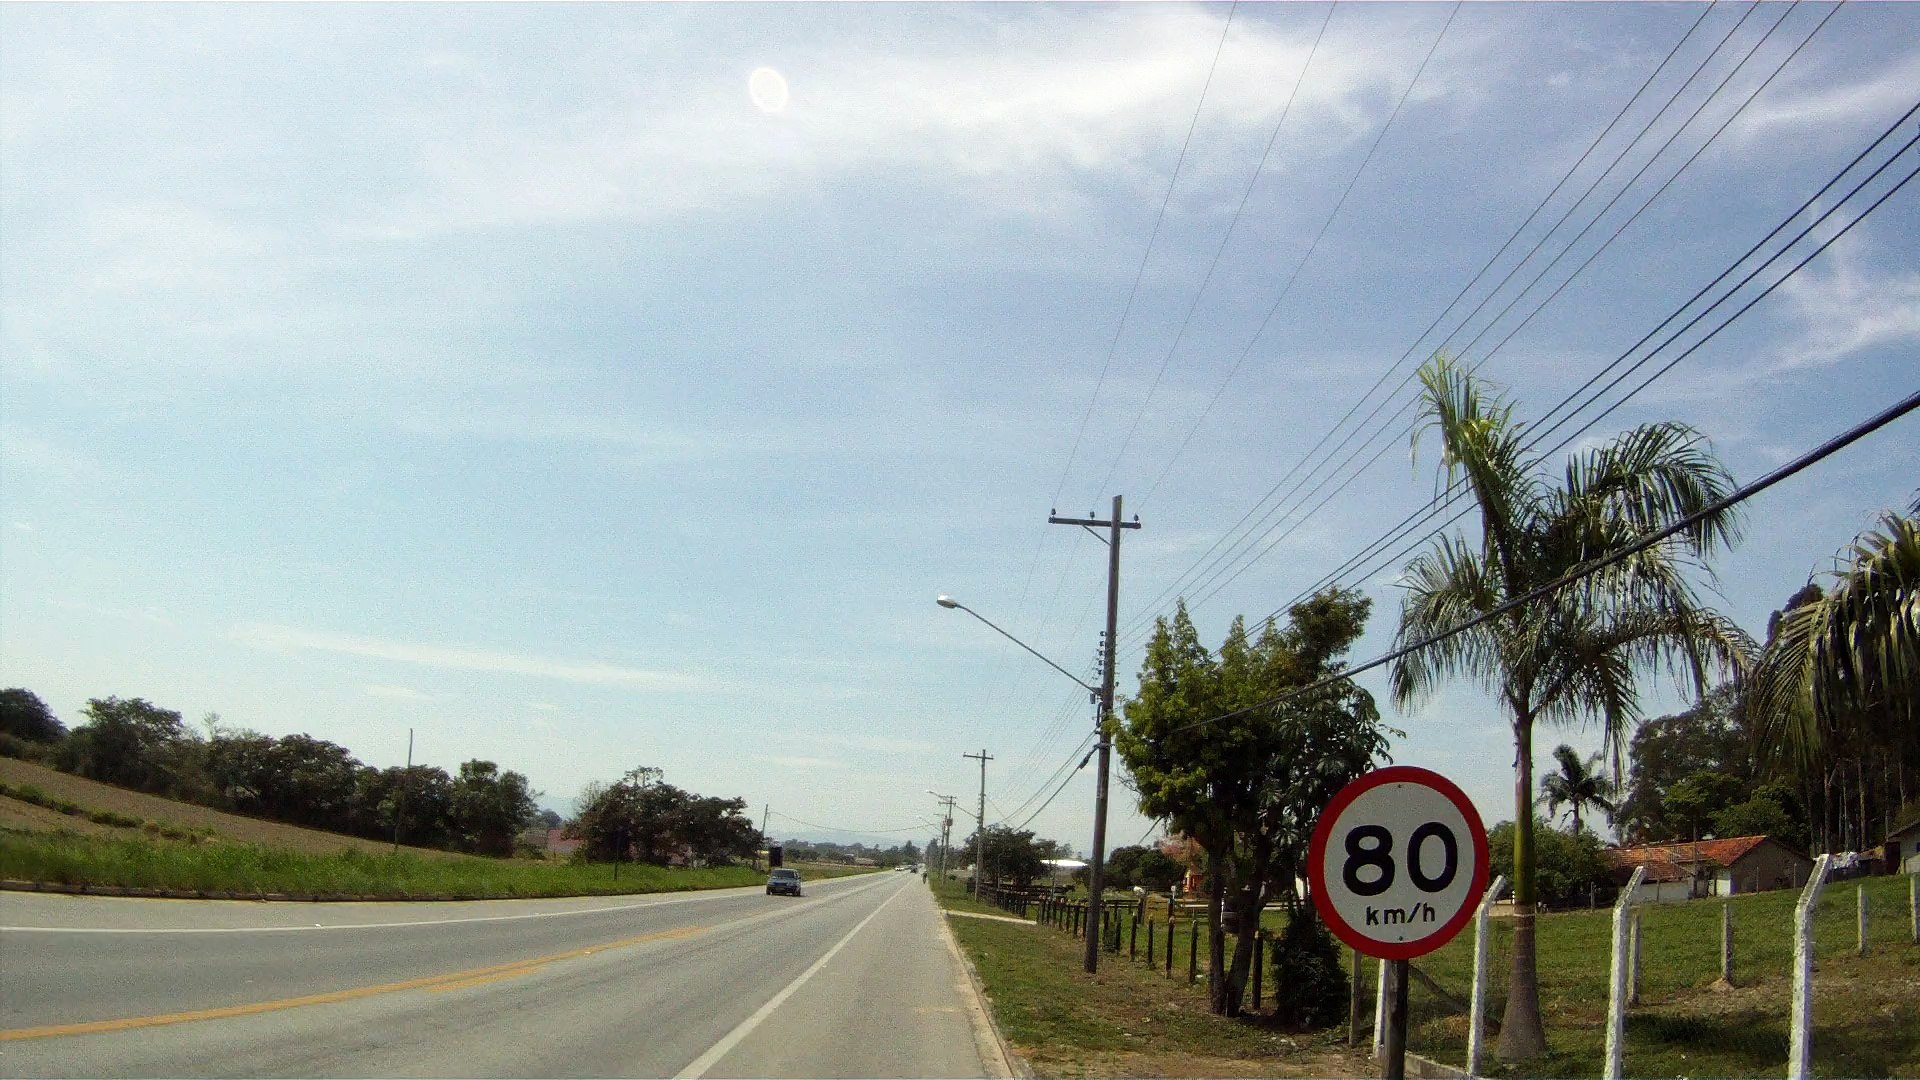 Passeio de bicicleta em família, trilhas das  várzeas do Vale o Paraíba do Sul, SP, Brasil,  Taubaté